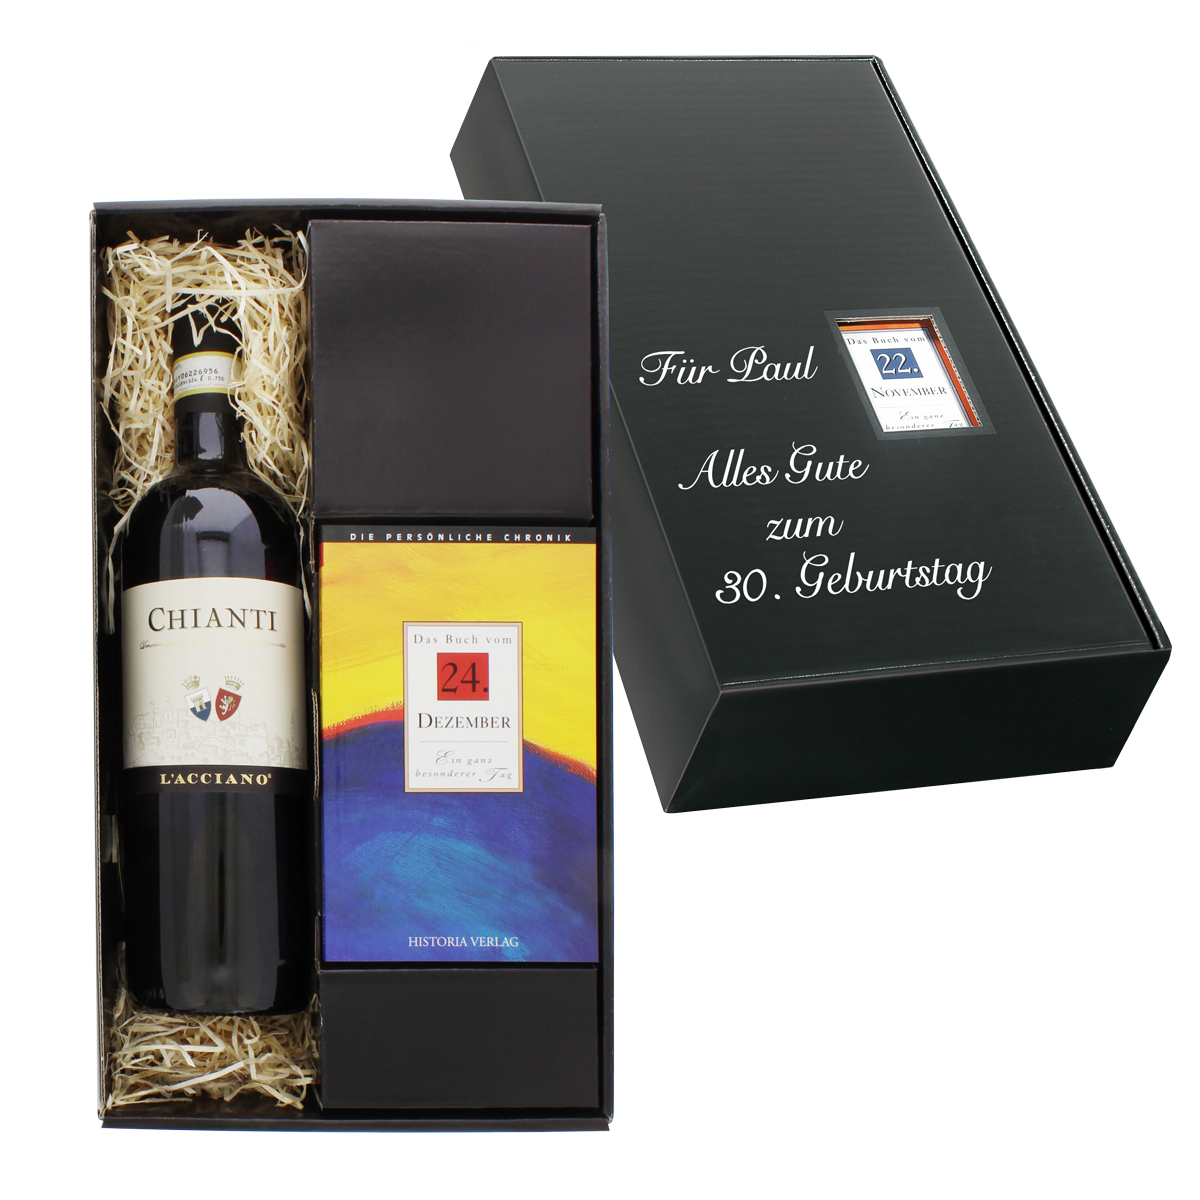 Italien-Set: Tageschronik vom 16. August & Chianti-Wein